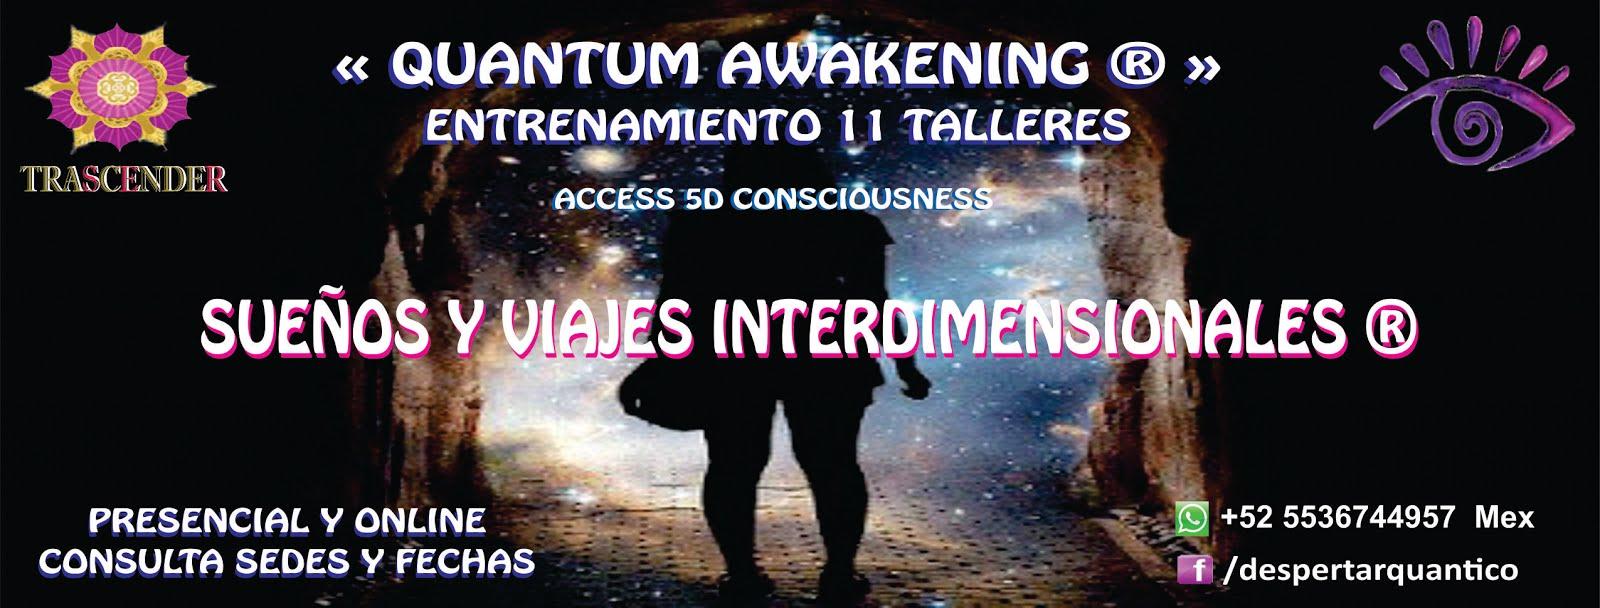 TALLER SUEÑOS Y VIAJES INTERDIMENSONALES